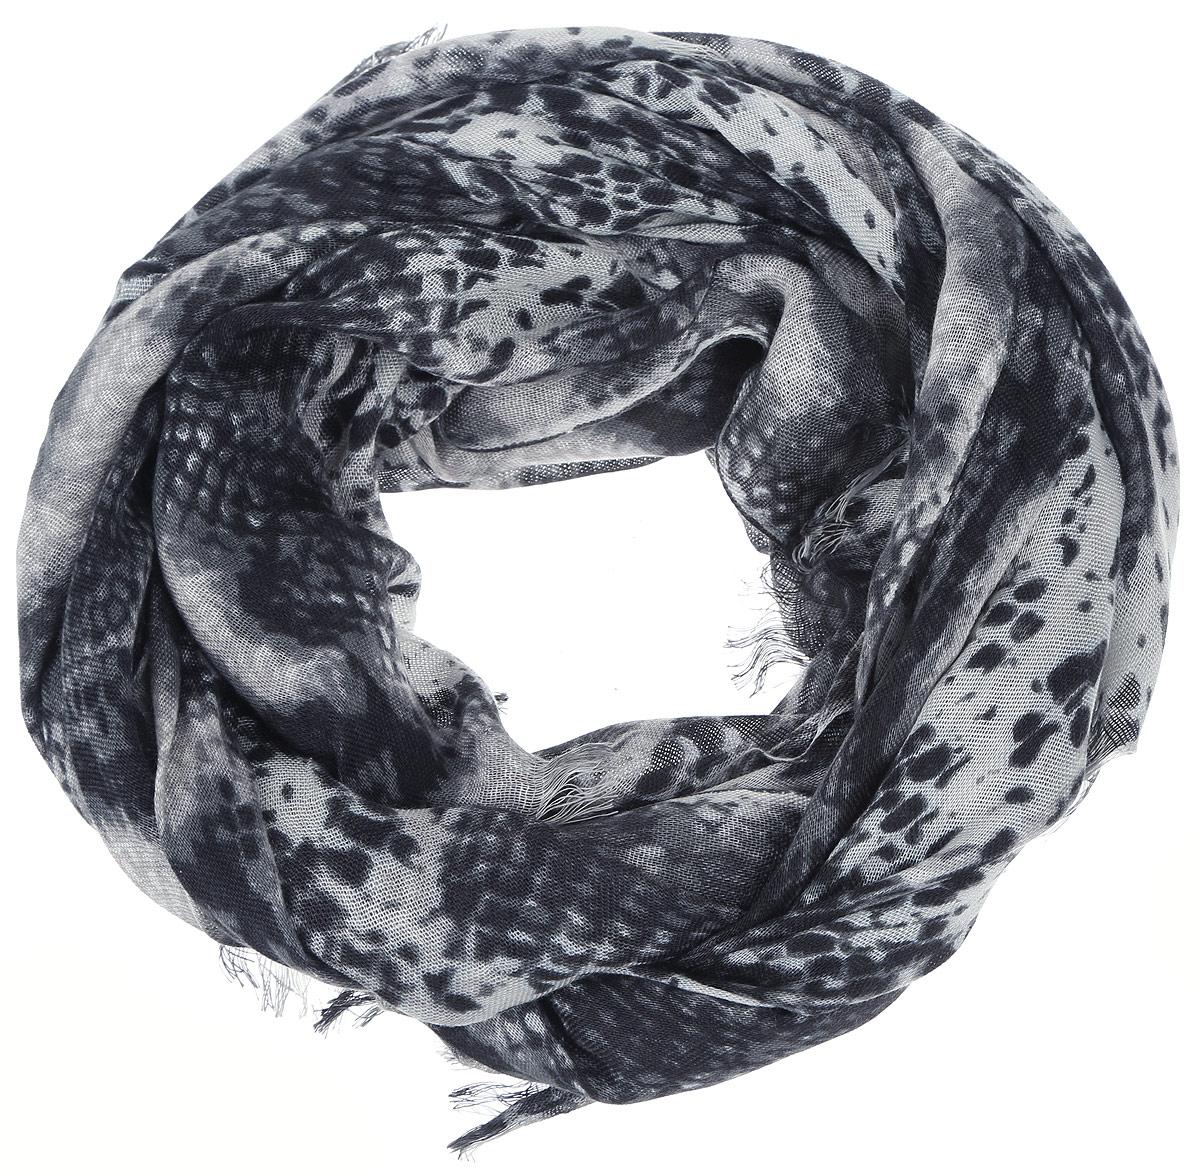 Шарф женский. SCw-142/450-6302SCw-142/450-6302Женский шарф Sela, изготовленный из 100% вискозы, подчеркнет вашу индивидуальность. Благодаря своему составу, он легкий, мягкий и приятный на ощупь. Изделие оформлено оригинальным орнаментом. Такой аксессуар станет стильным дополнением к гардеробу современной женщины.